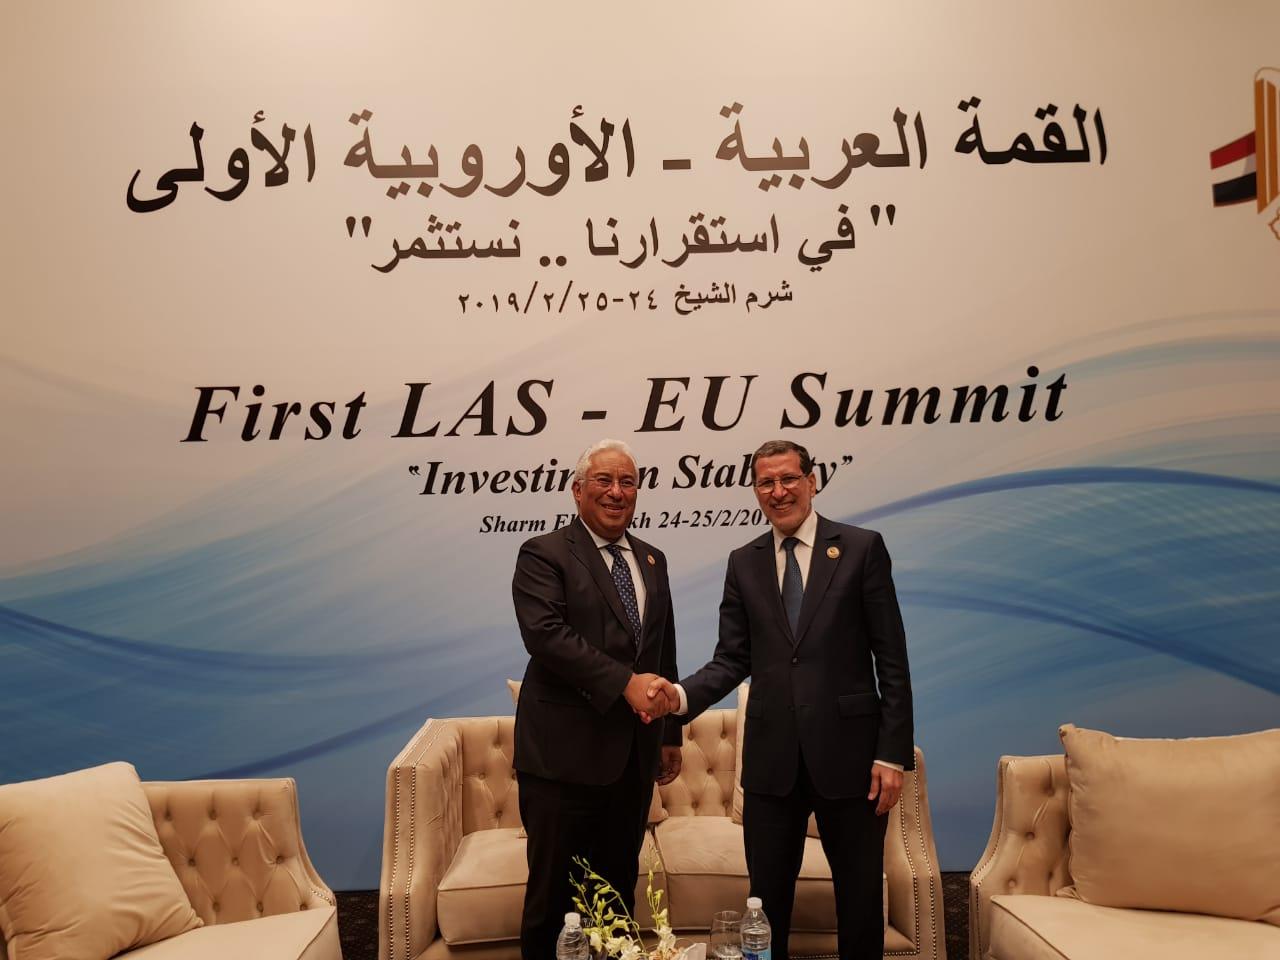 العثماني يتباحث مع رئيس الحكومة البرتغالي تطوير العلاقات الاقتصادية ودعم التشغيل